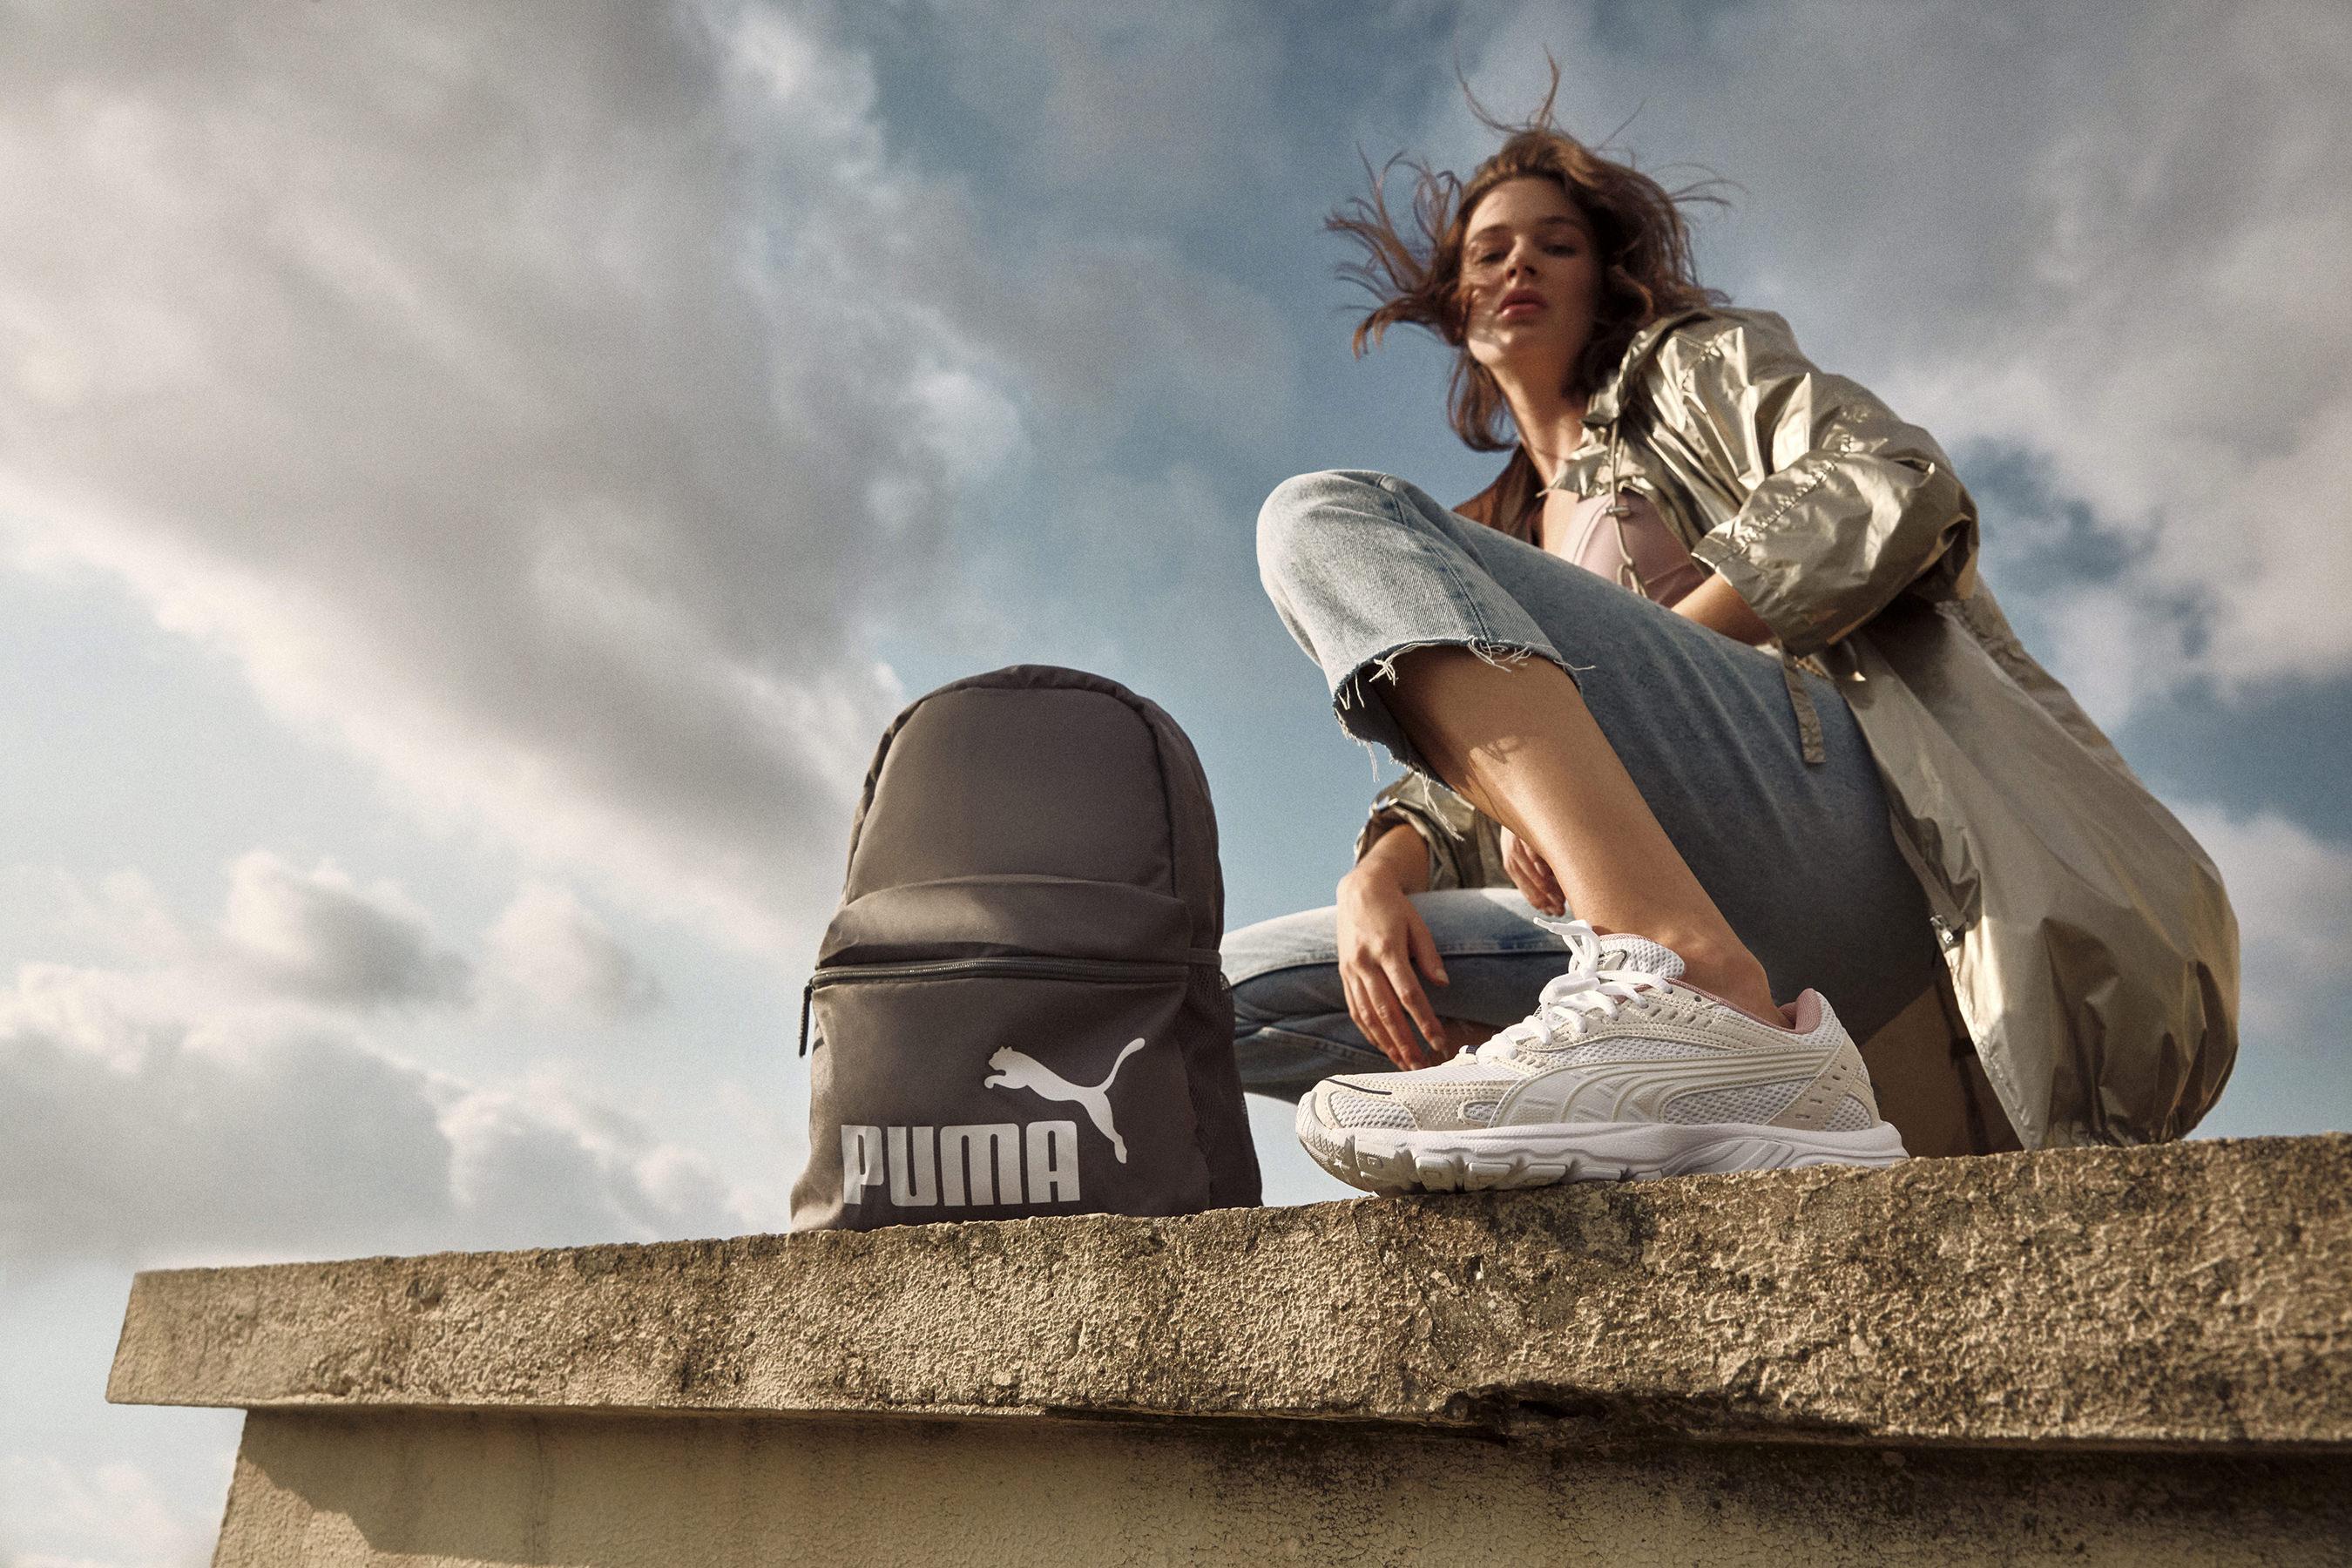 NikeFlo_2908